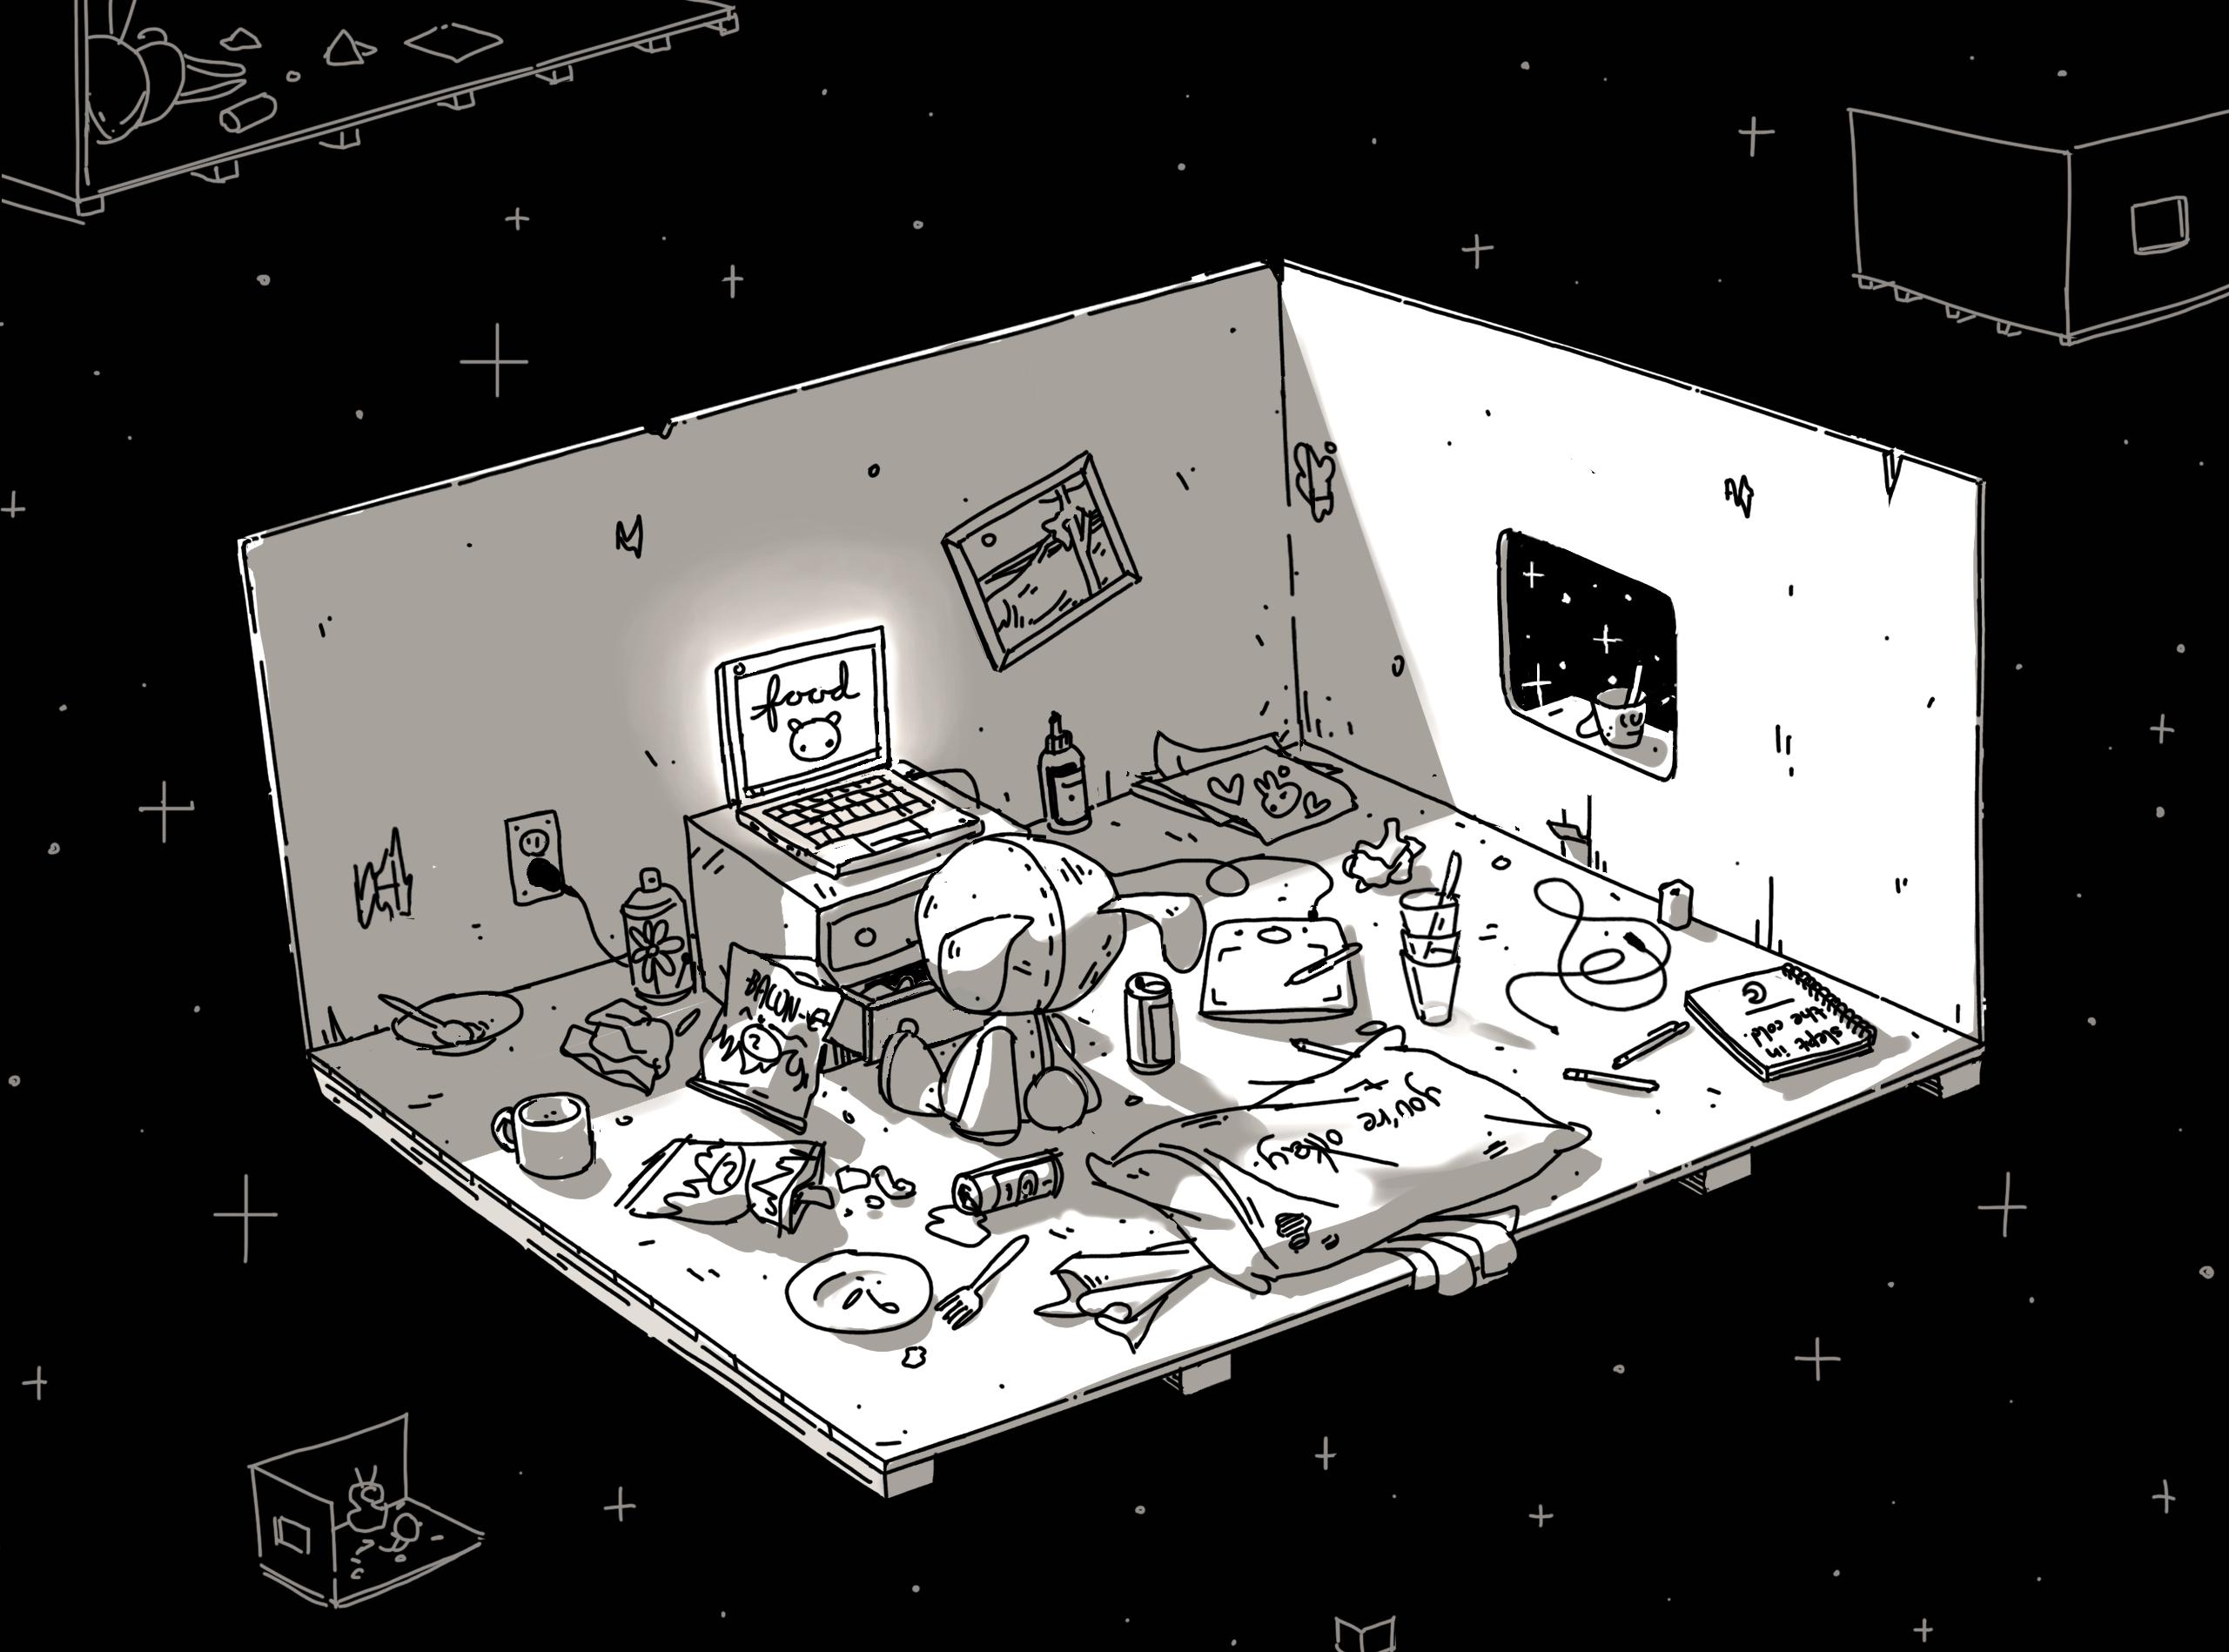 myroom inmyroom